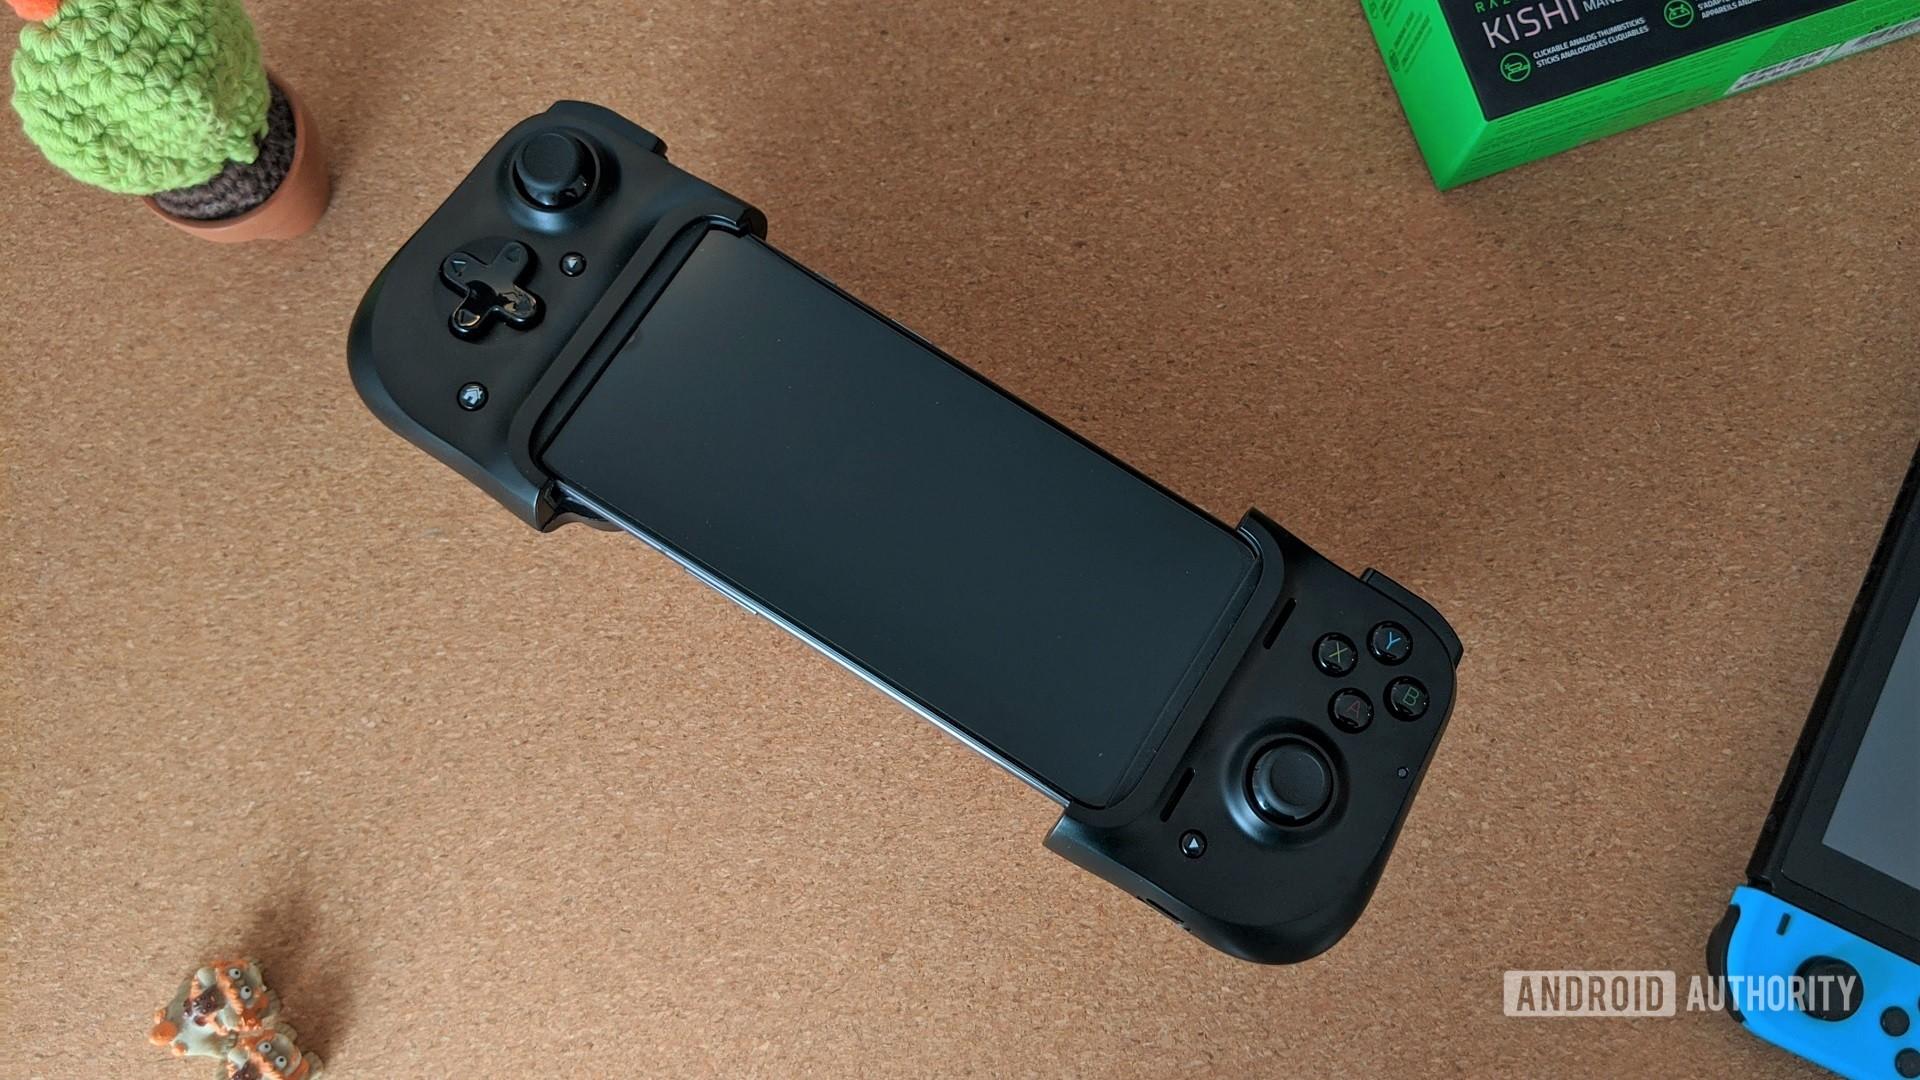 Razer Kishi with OnePlus 7 - Razer Kishi review